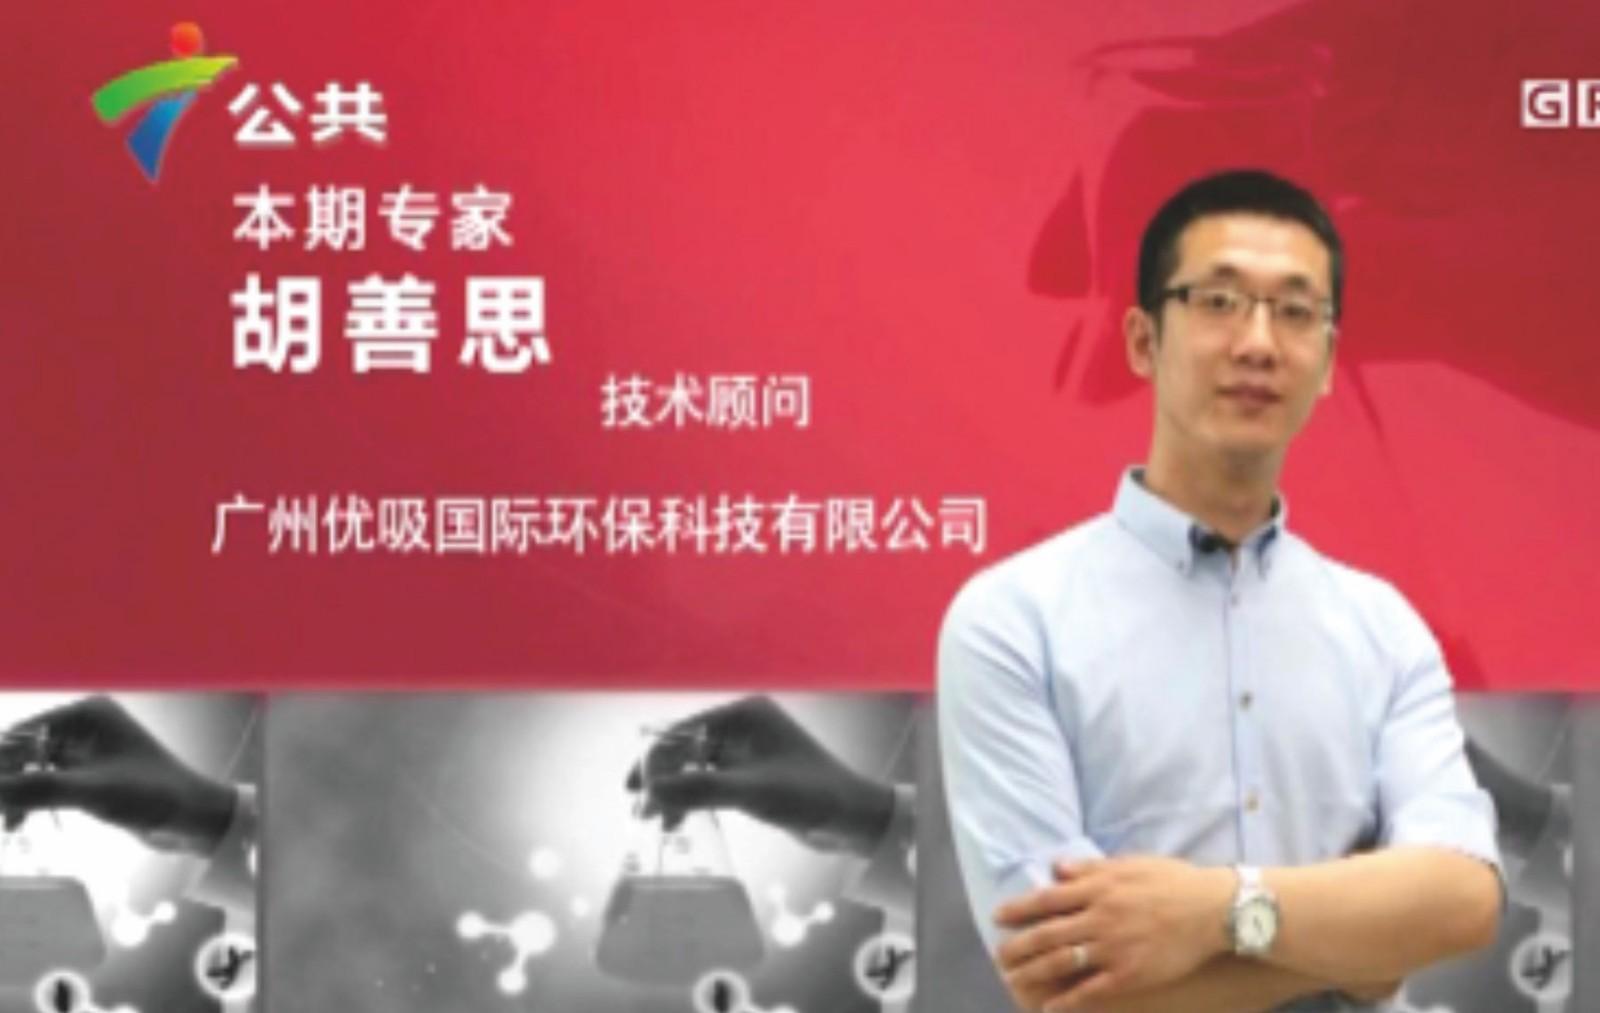 广东电视台关于空气污染采访bob官方网站专家